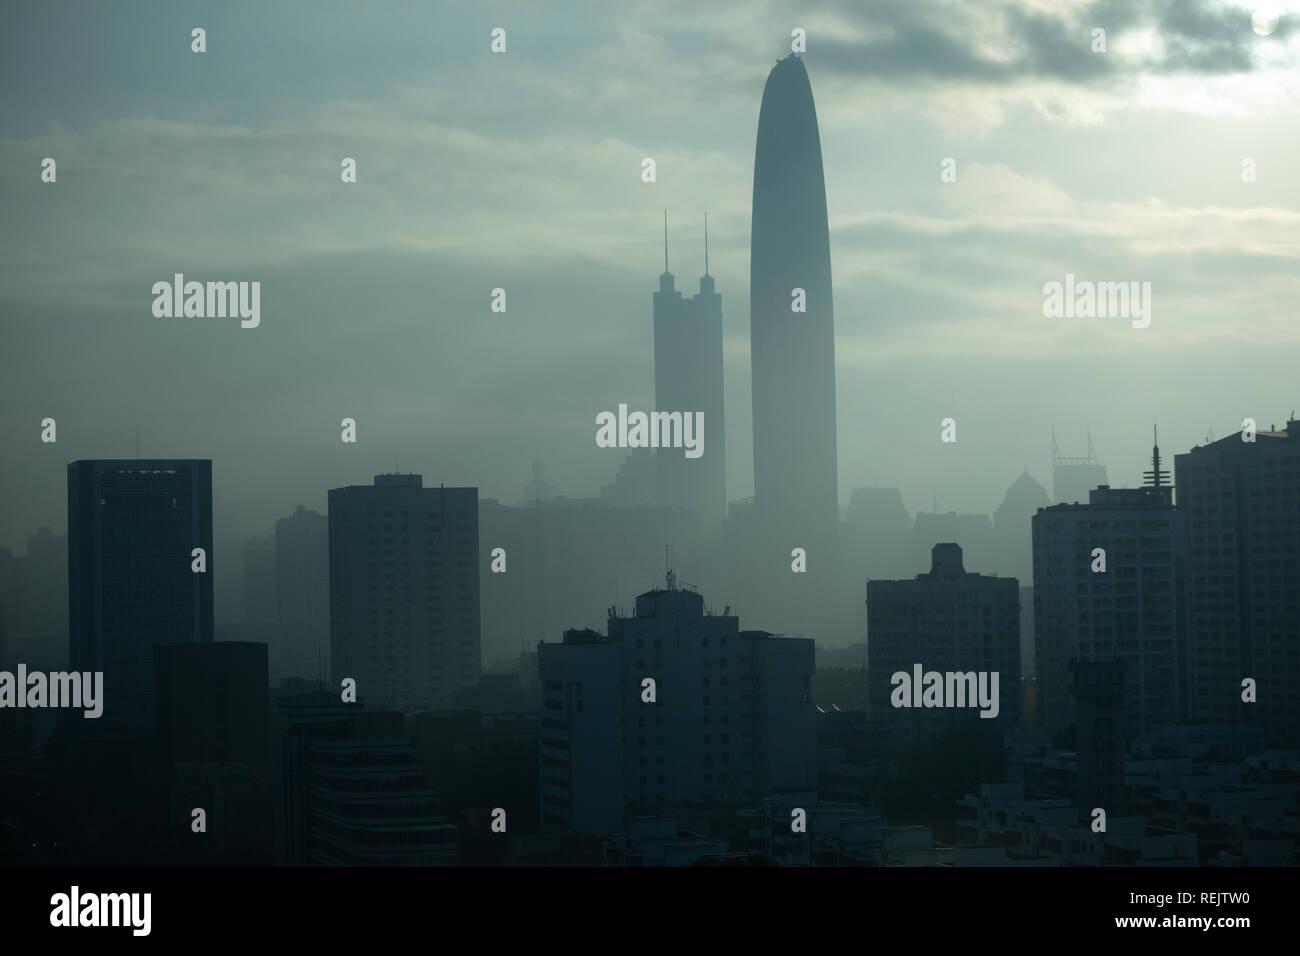 China Stockfoto